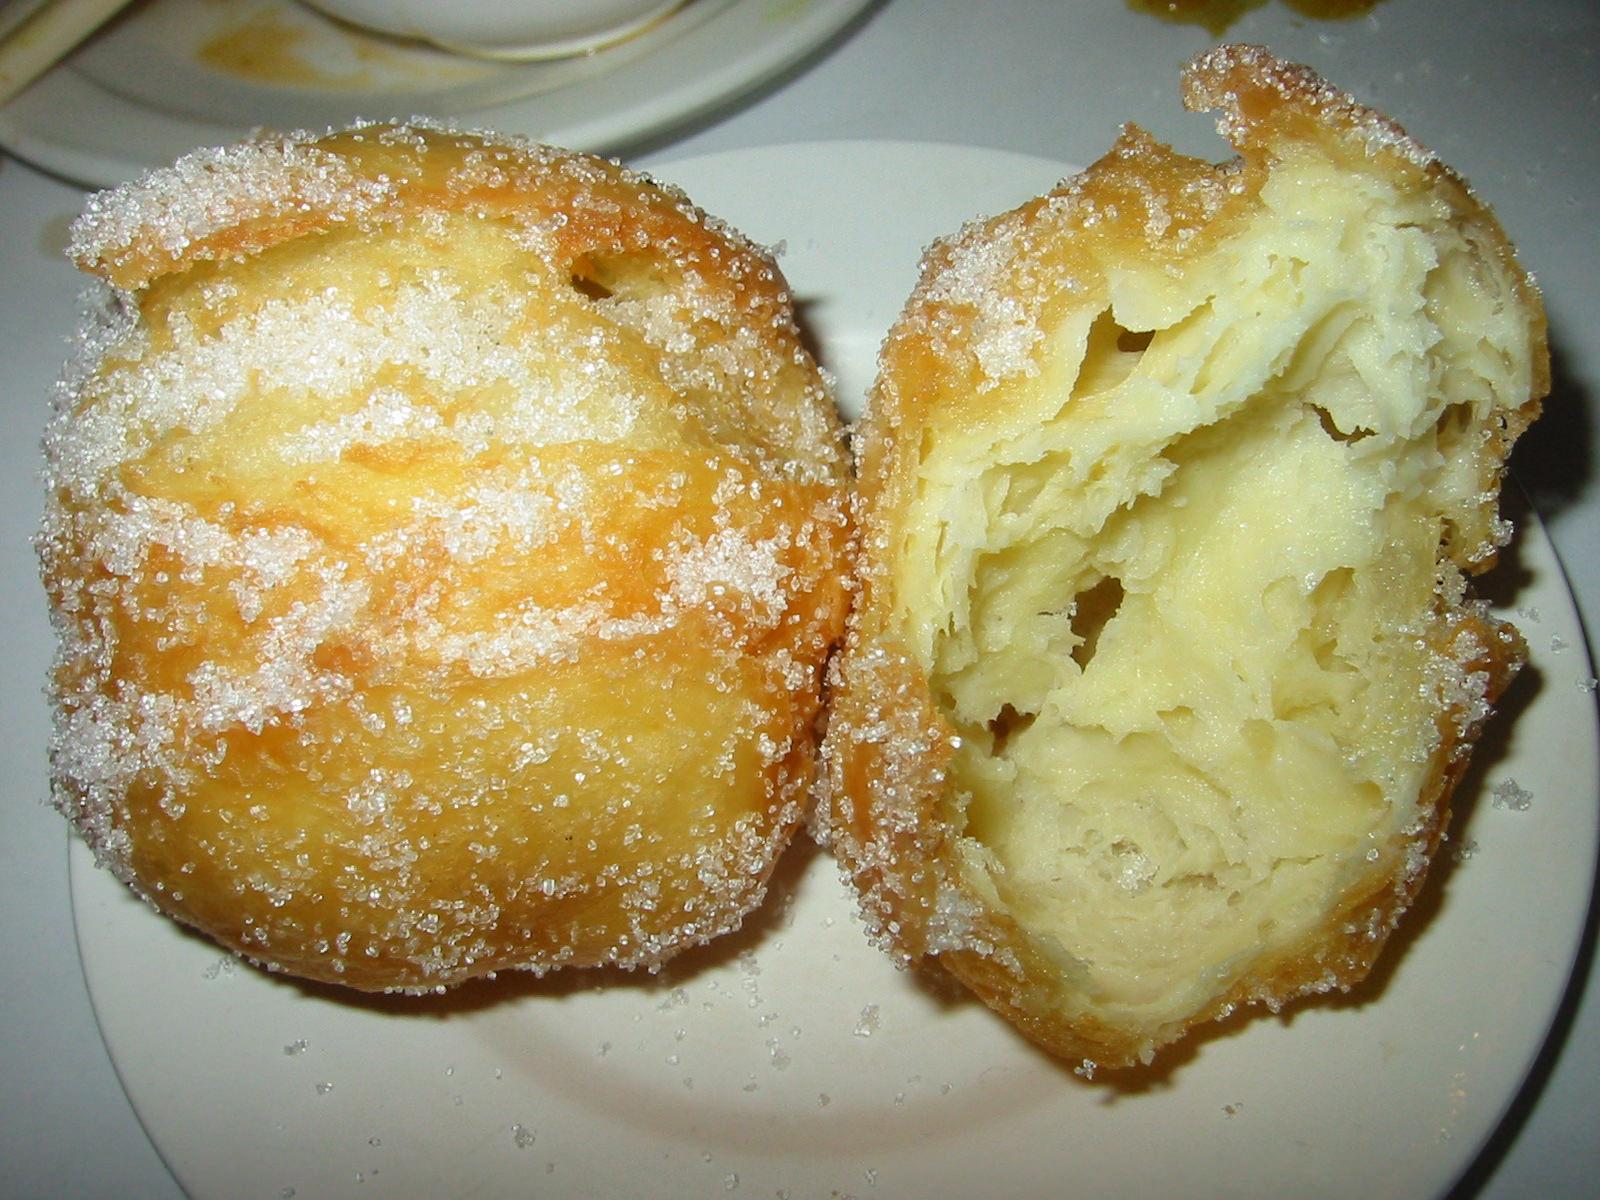 Chinese donut innards